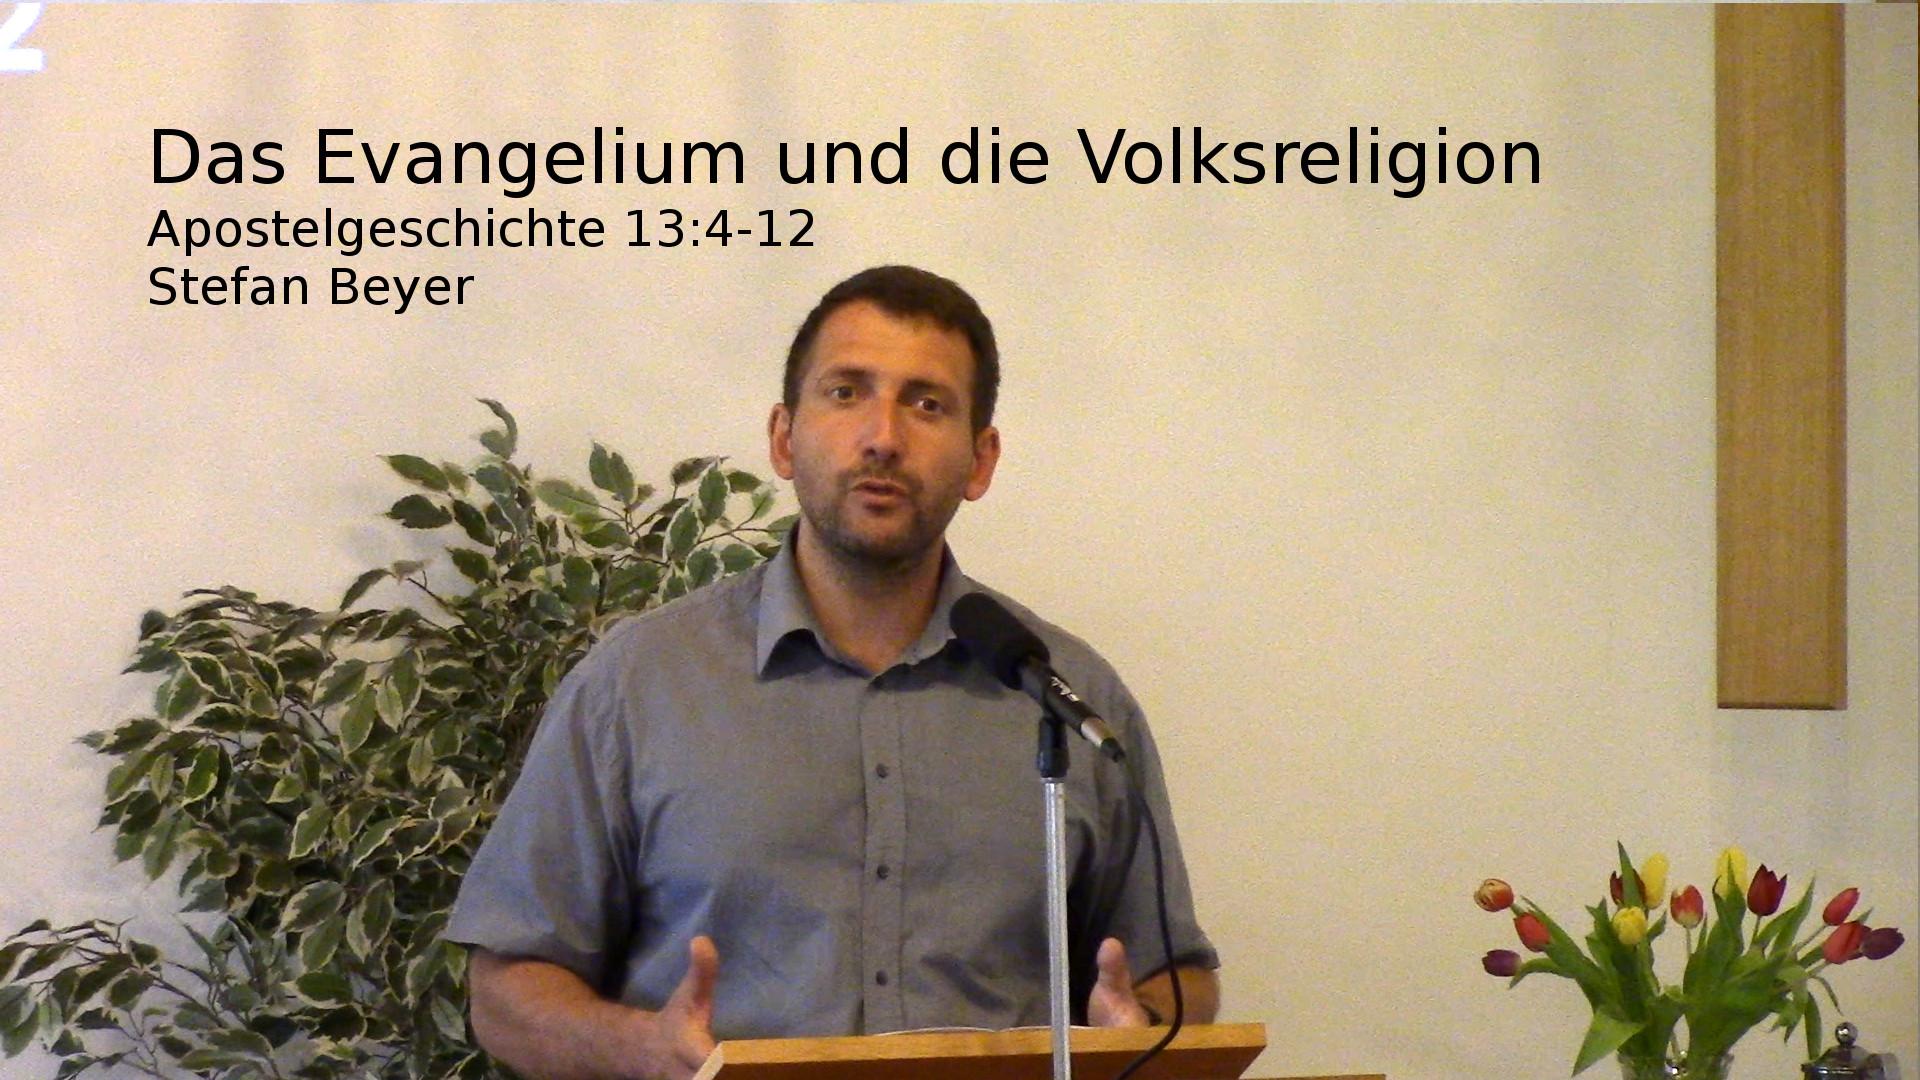 Apostelgeschichte 13,4-12 – Das Evangelium und die Volksreligion